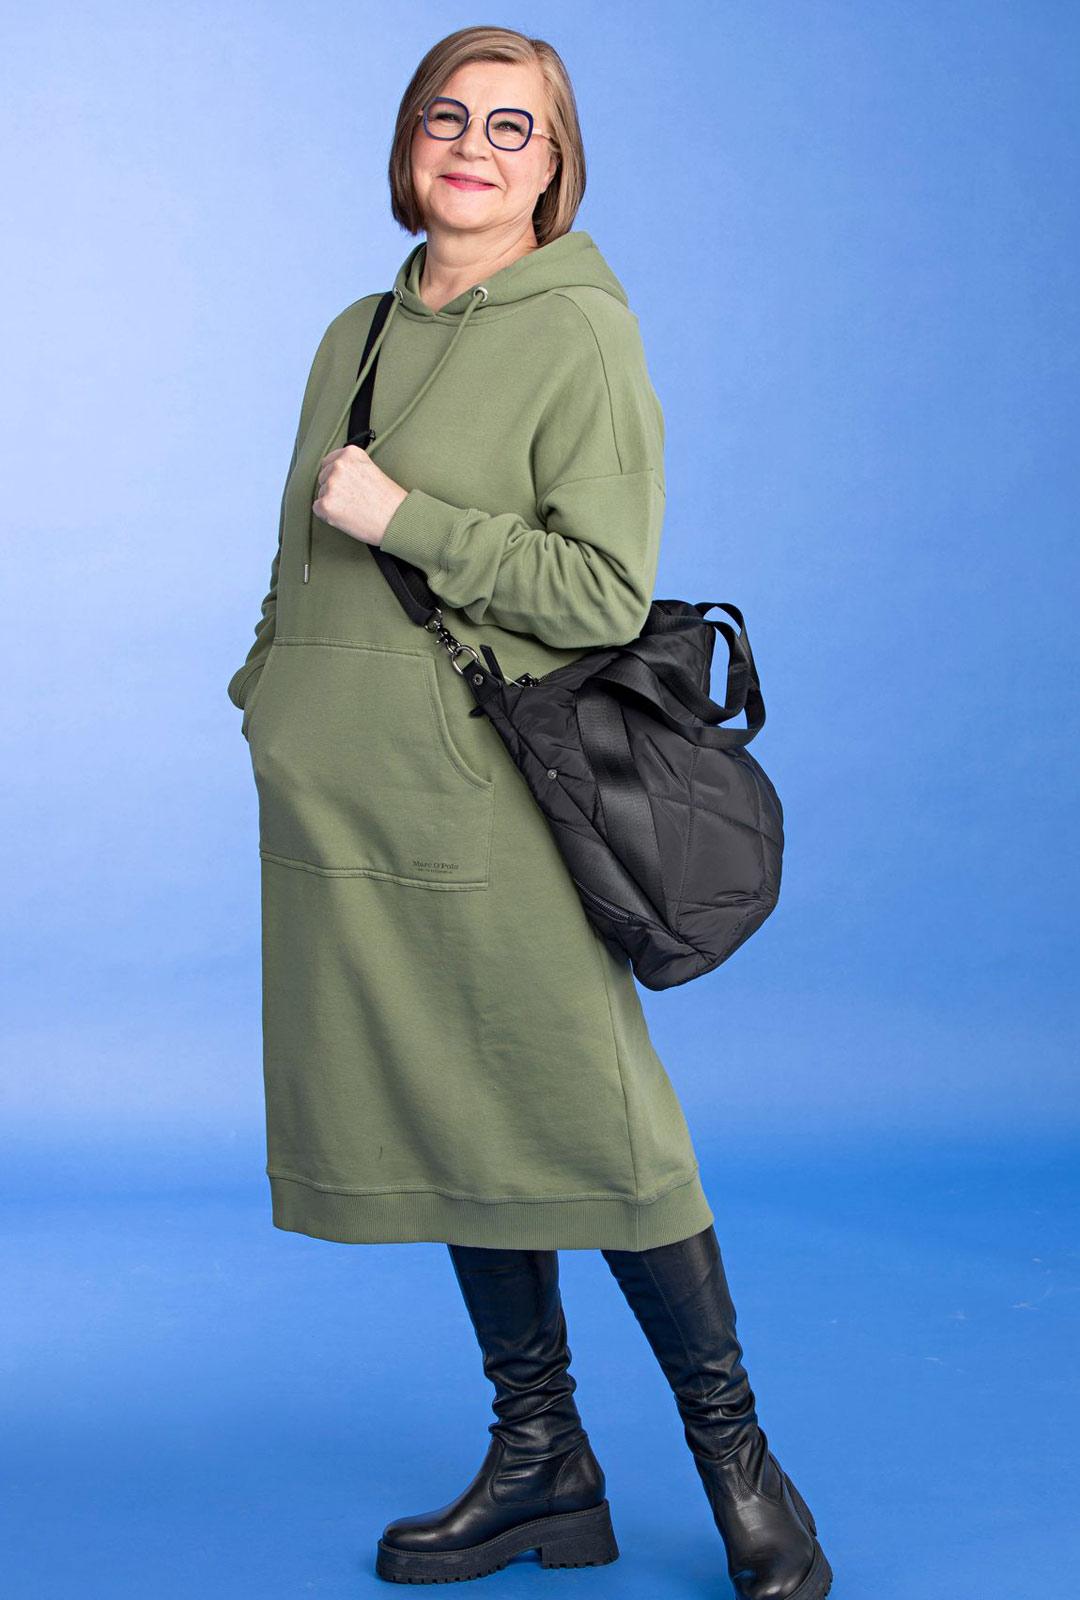 Hupparia saa myös mekon mittaisena. Rento vapaa-ajan vaate on helppo asustaa trikoilla, kapeilla farkuilla tai ylipolven ulottuvilla ronskeilla saappailla.